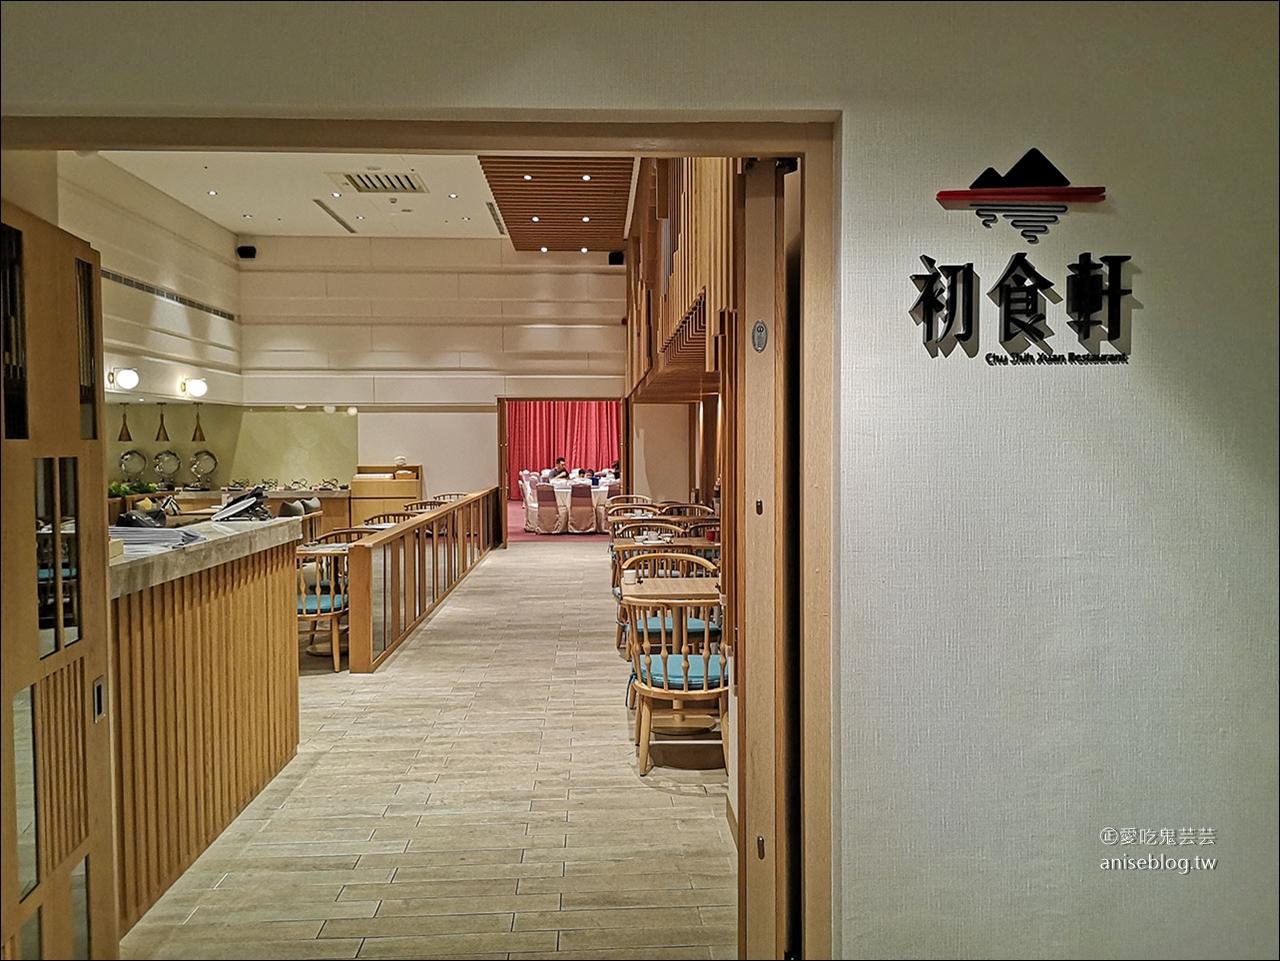 初食軒@礁溪兆品酒店,脂香鴨大推!